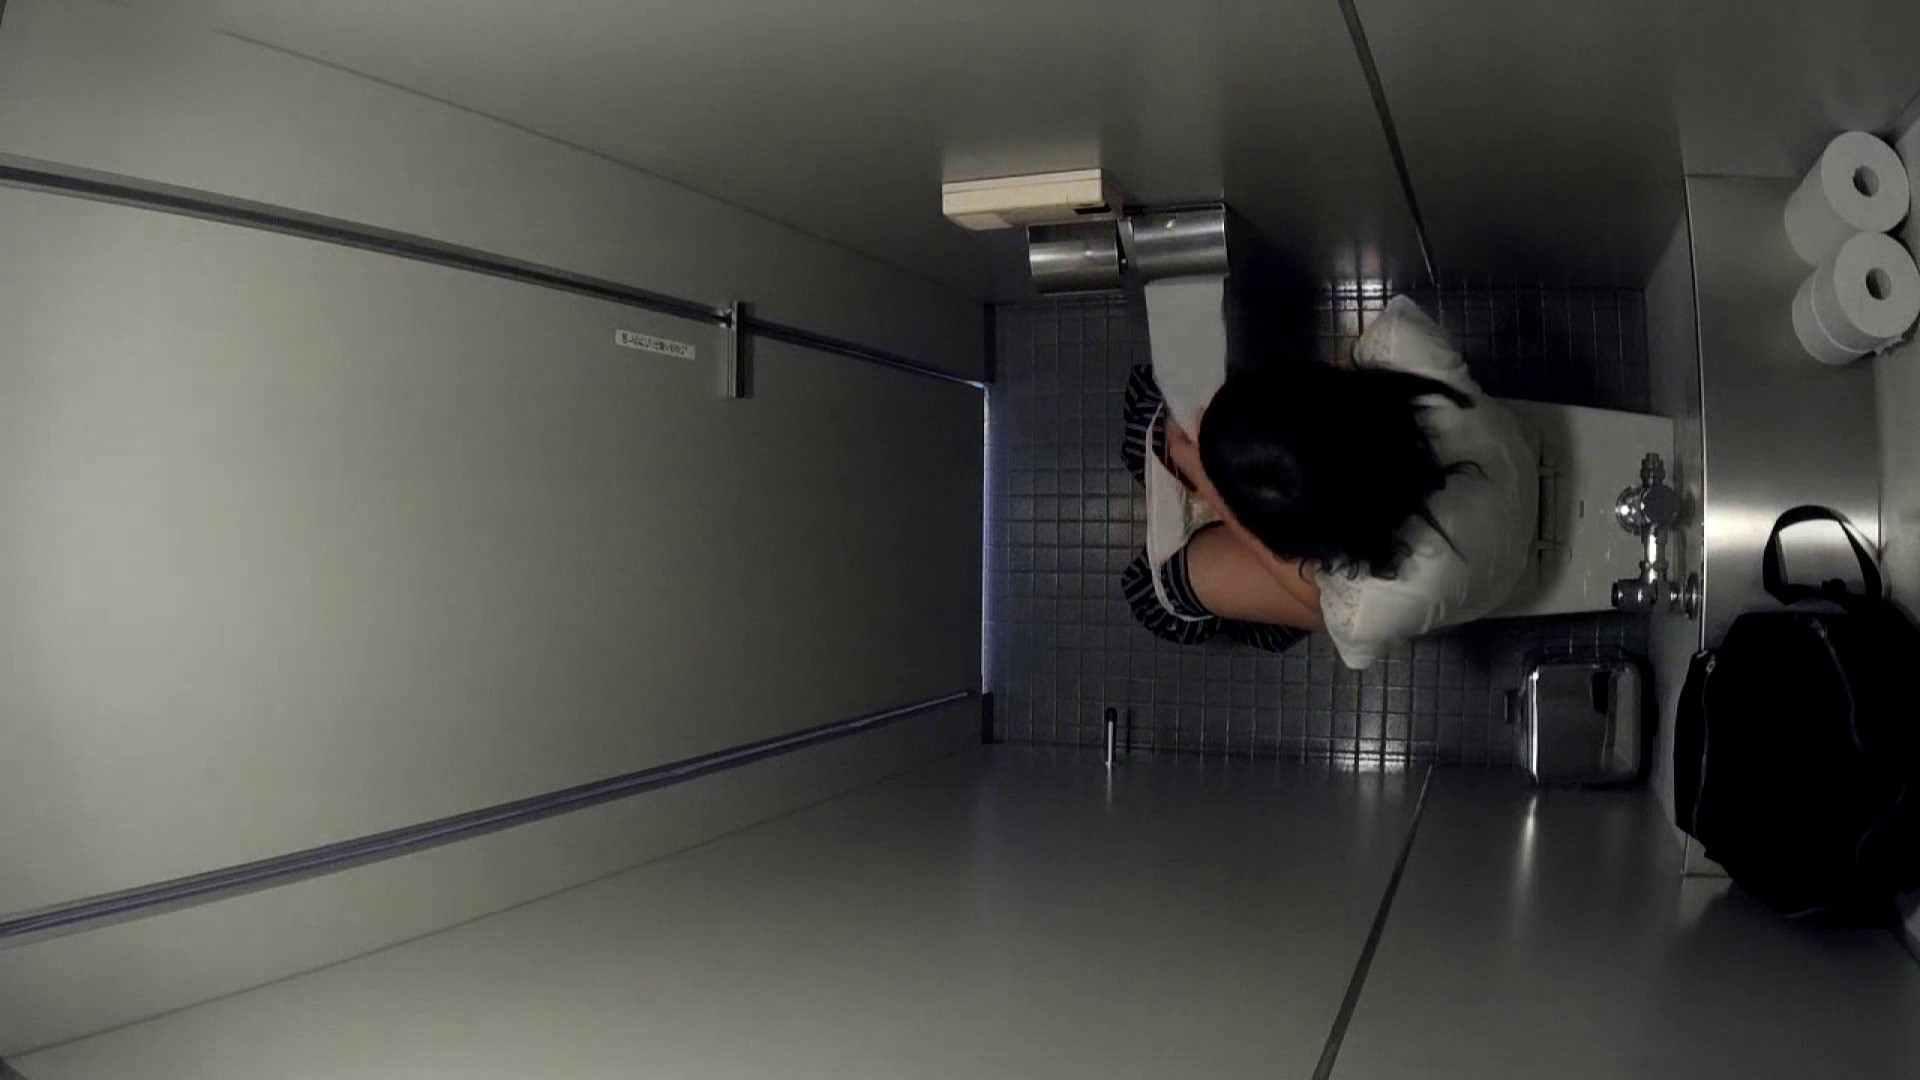 有名大学女性洗面所 vol.45 冴え渡る多方向撮影!職人技です。 投稿 | 綺麗なOLたち  88枚 6